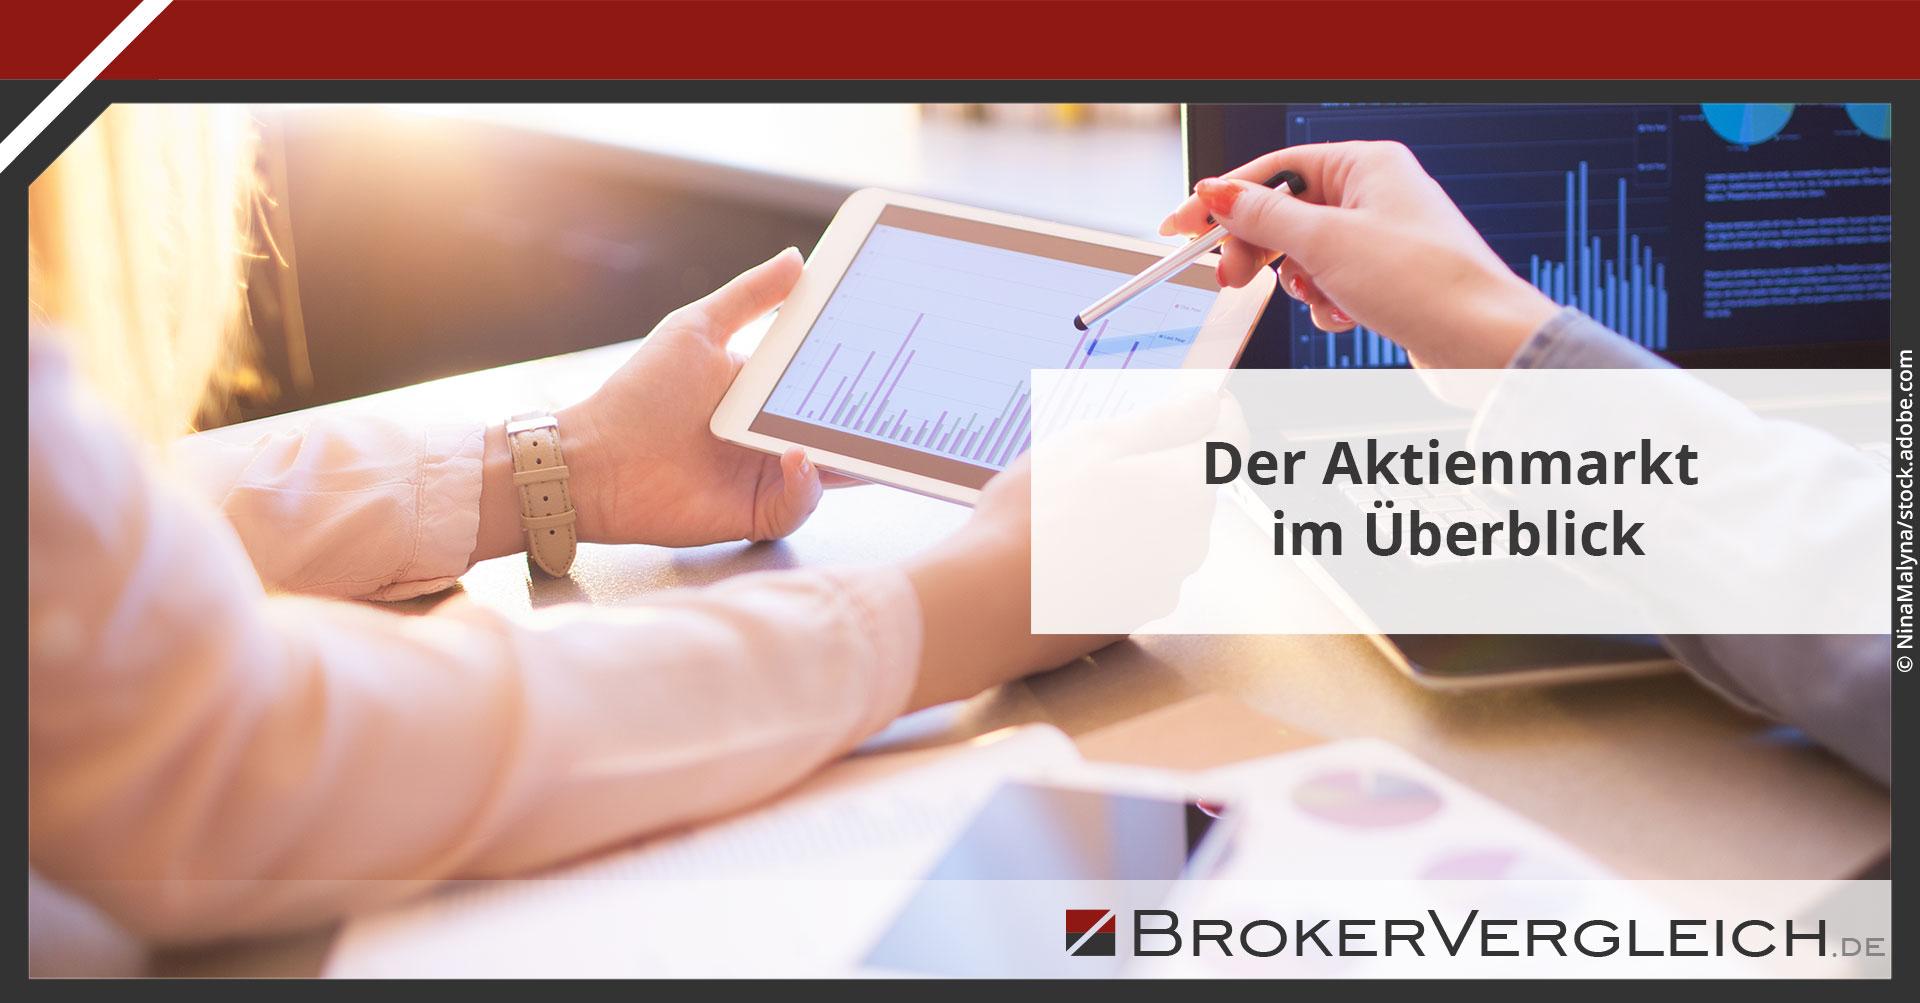 Zum Beitrag - Der Aktienmarkt im Überblick